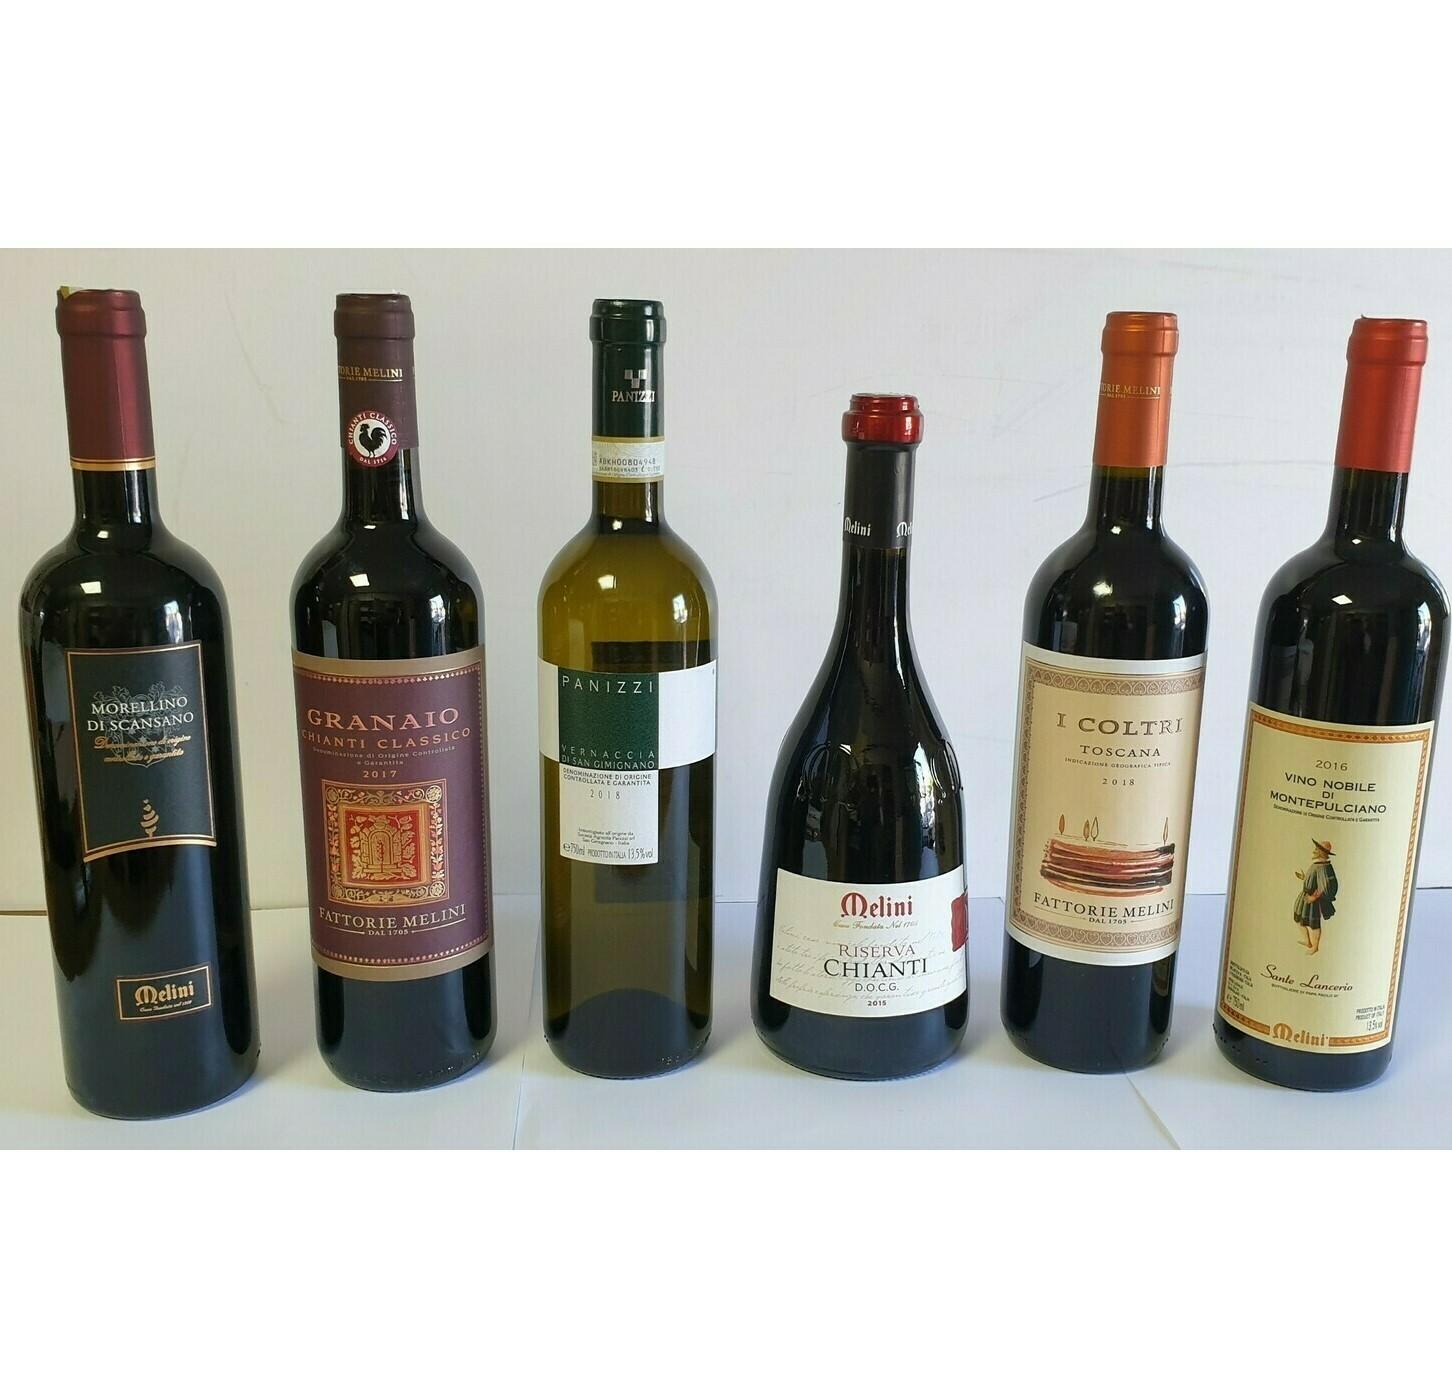 TUSCAN TREASURES 6 bottles